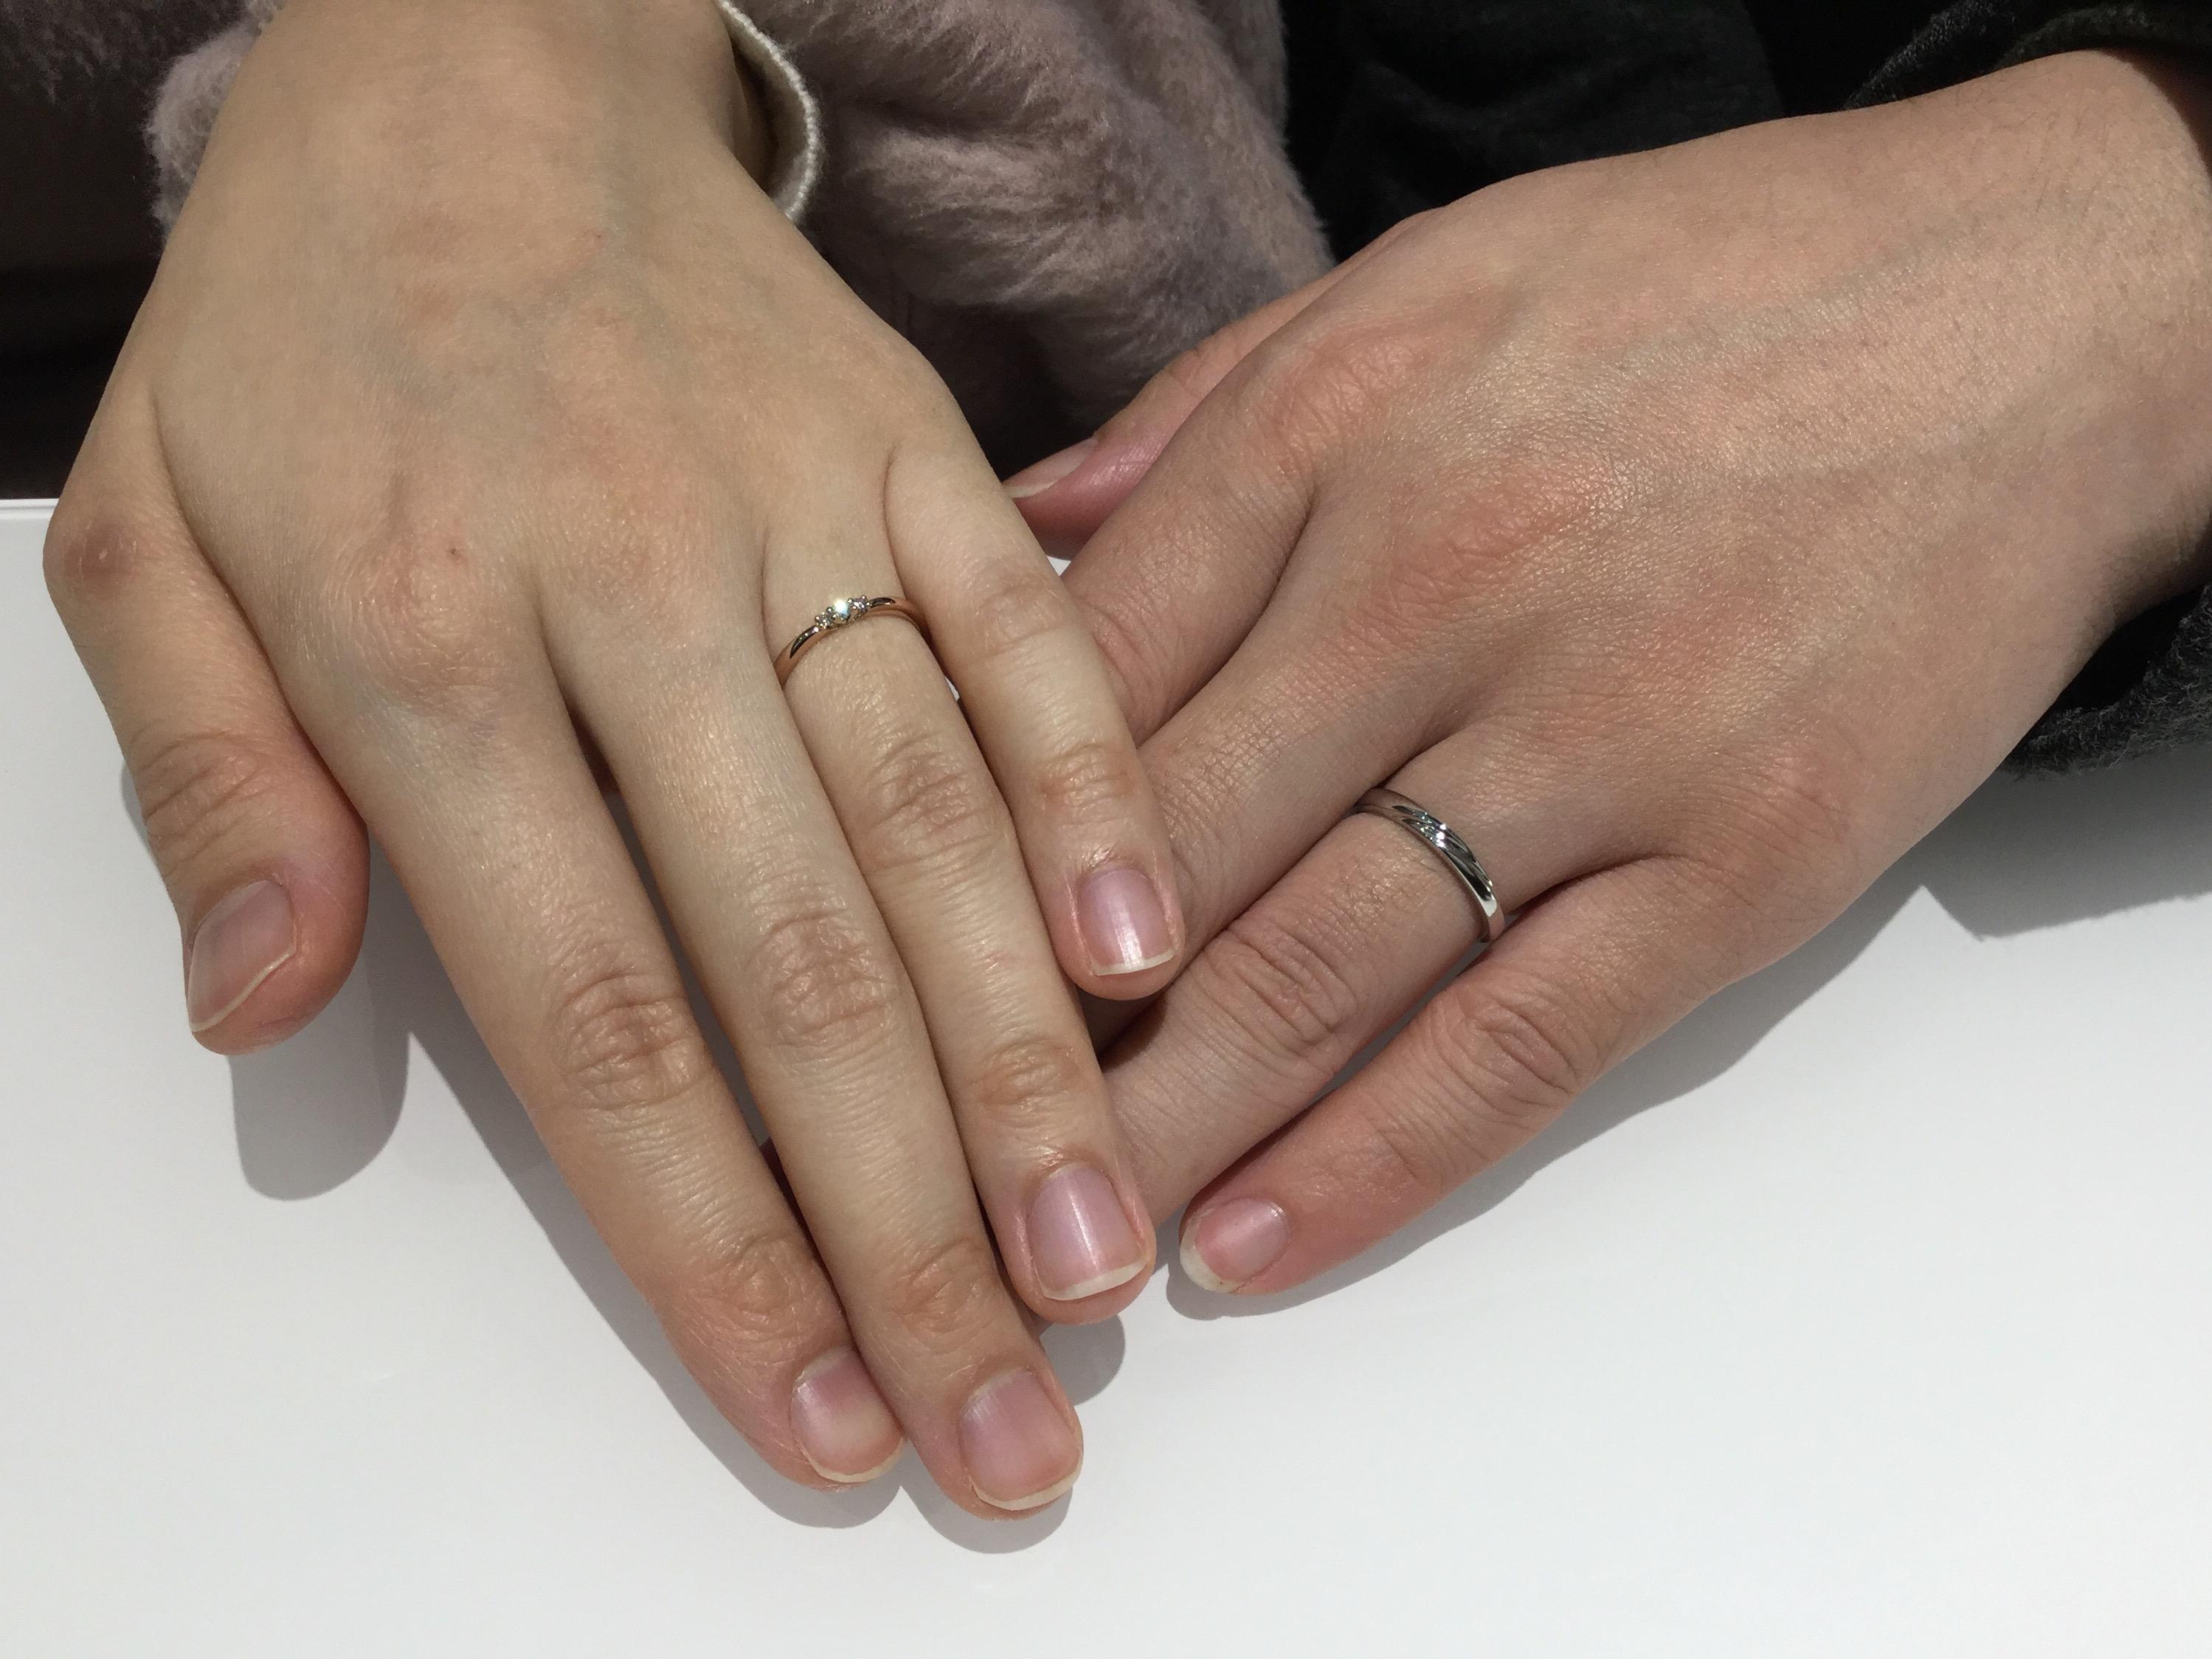 結婚指輪 ルシエの「ホープ&ロズレ」をご成約💍 (長岡市/M様ご夫婦)